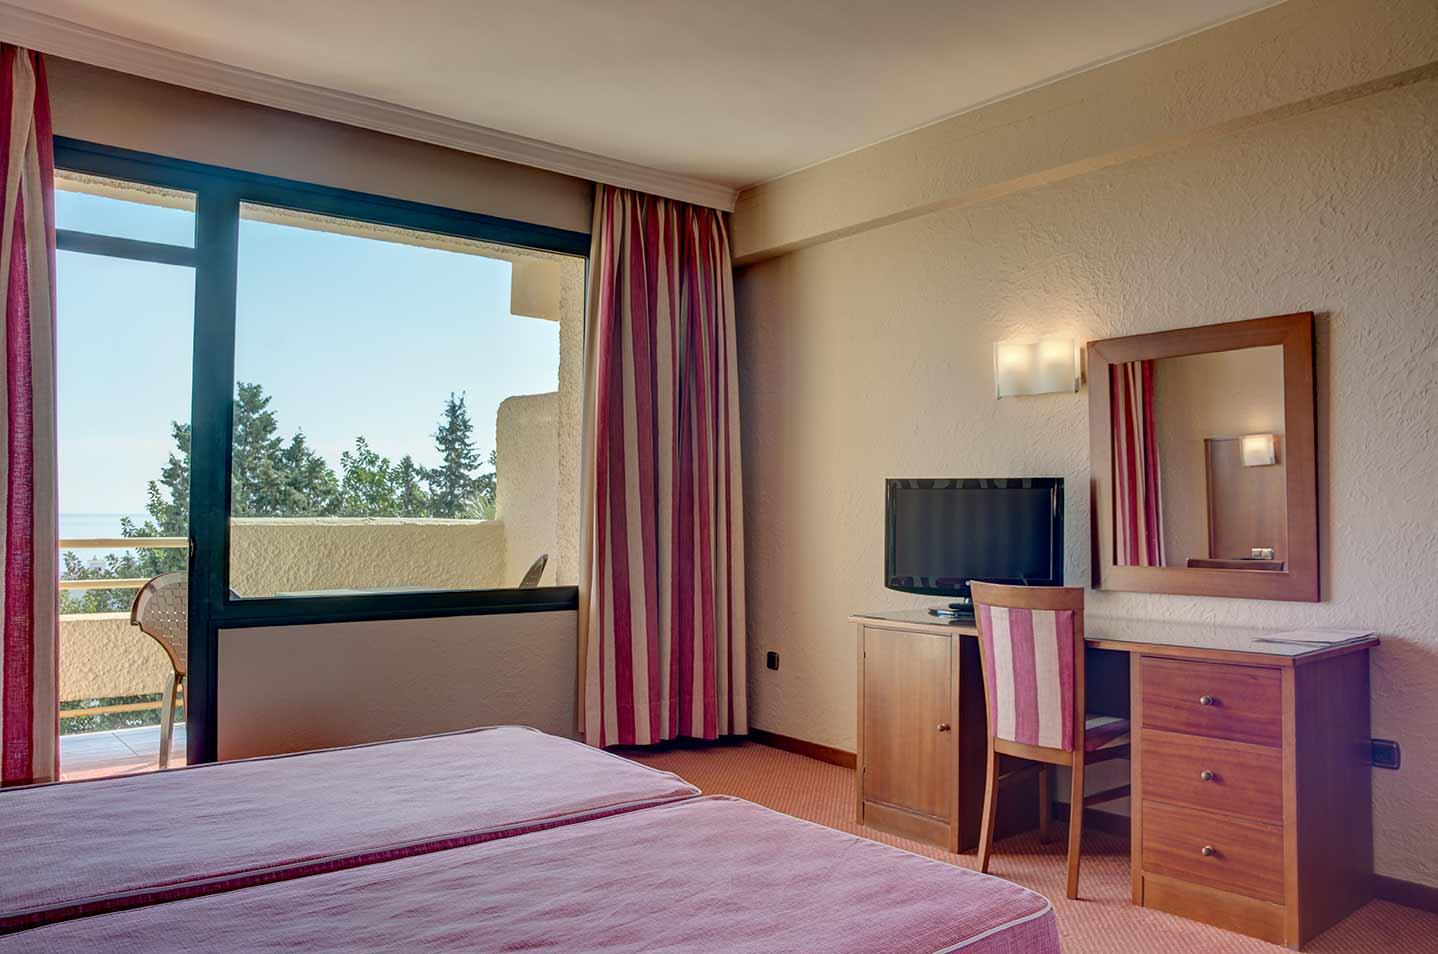 Hotel Royal Al Andalus Habitación doble compartida Vacaciones Singles